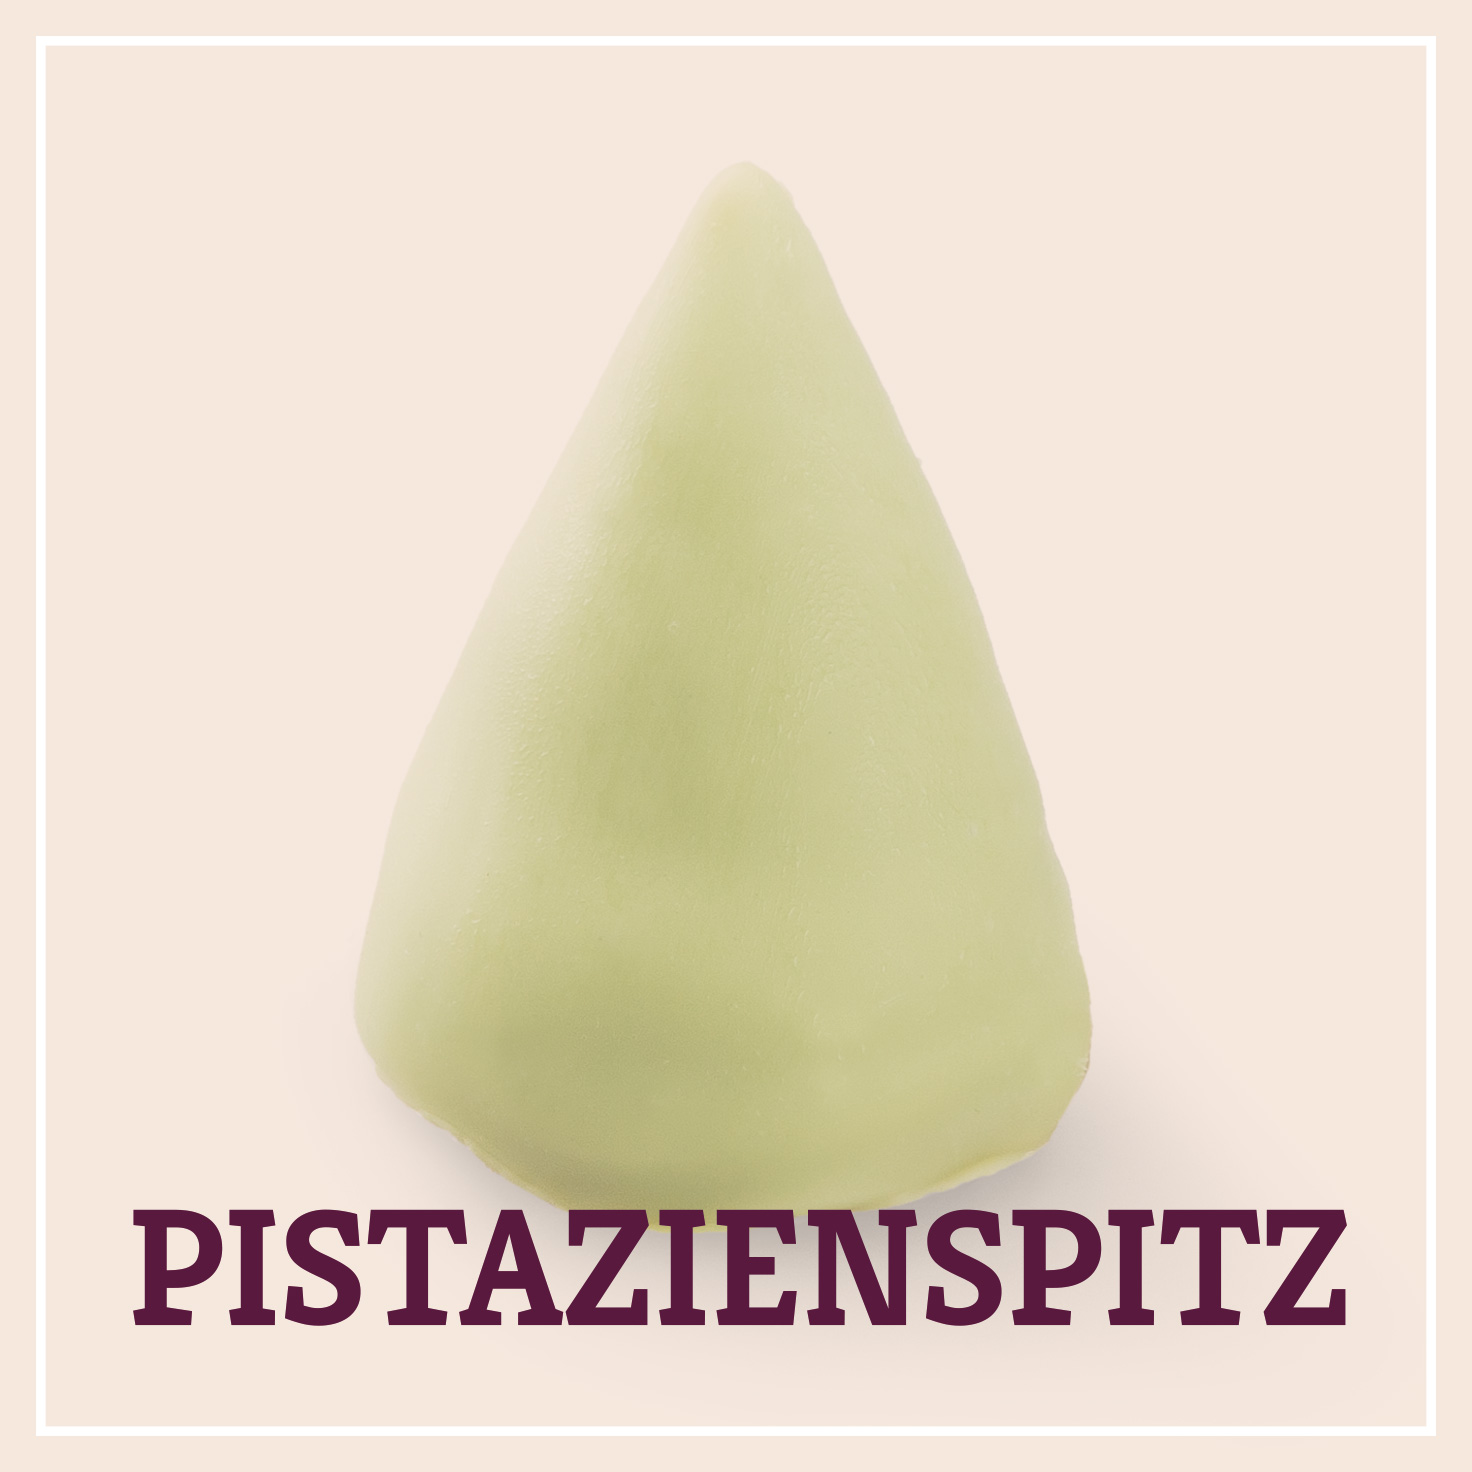 Heiss & Süß - Petit Fours - Pistazienspitz